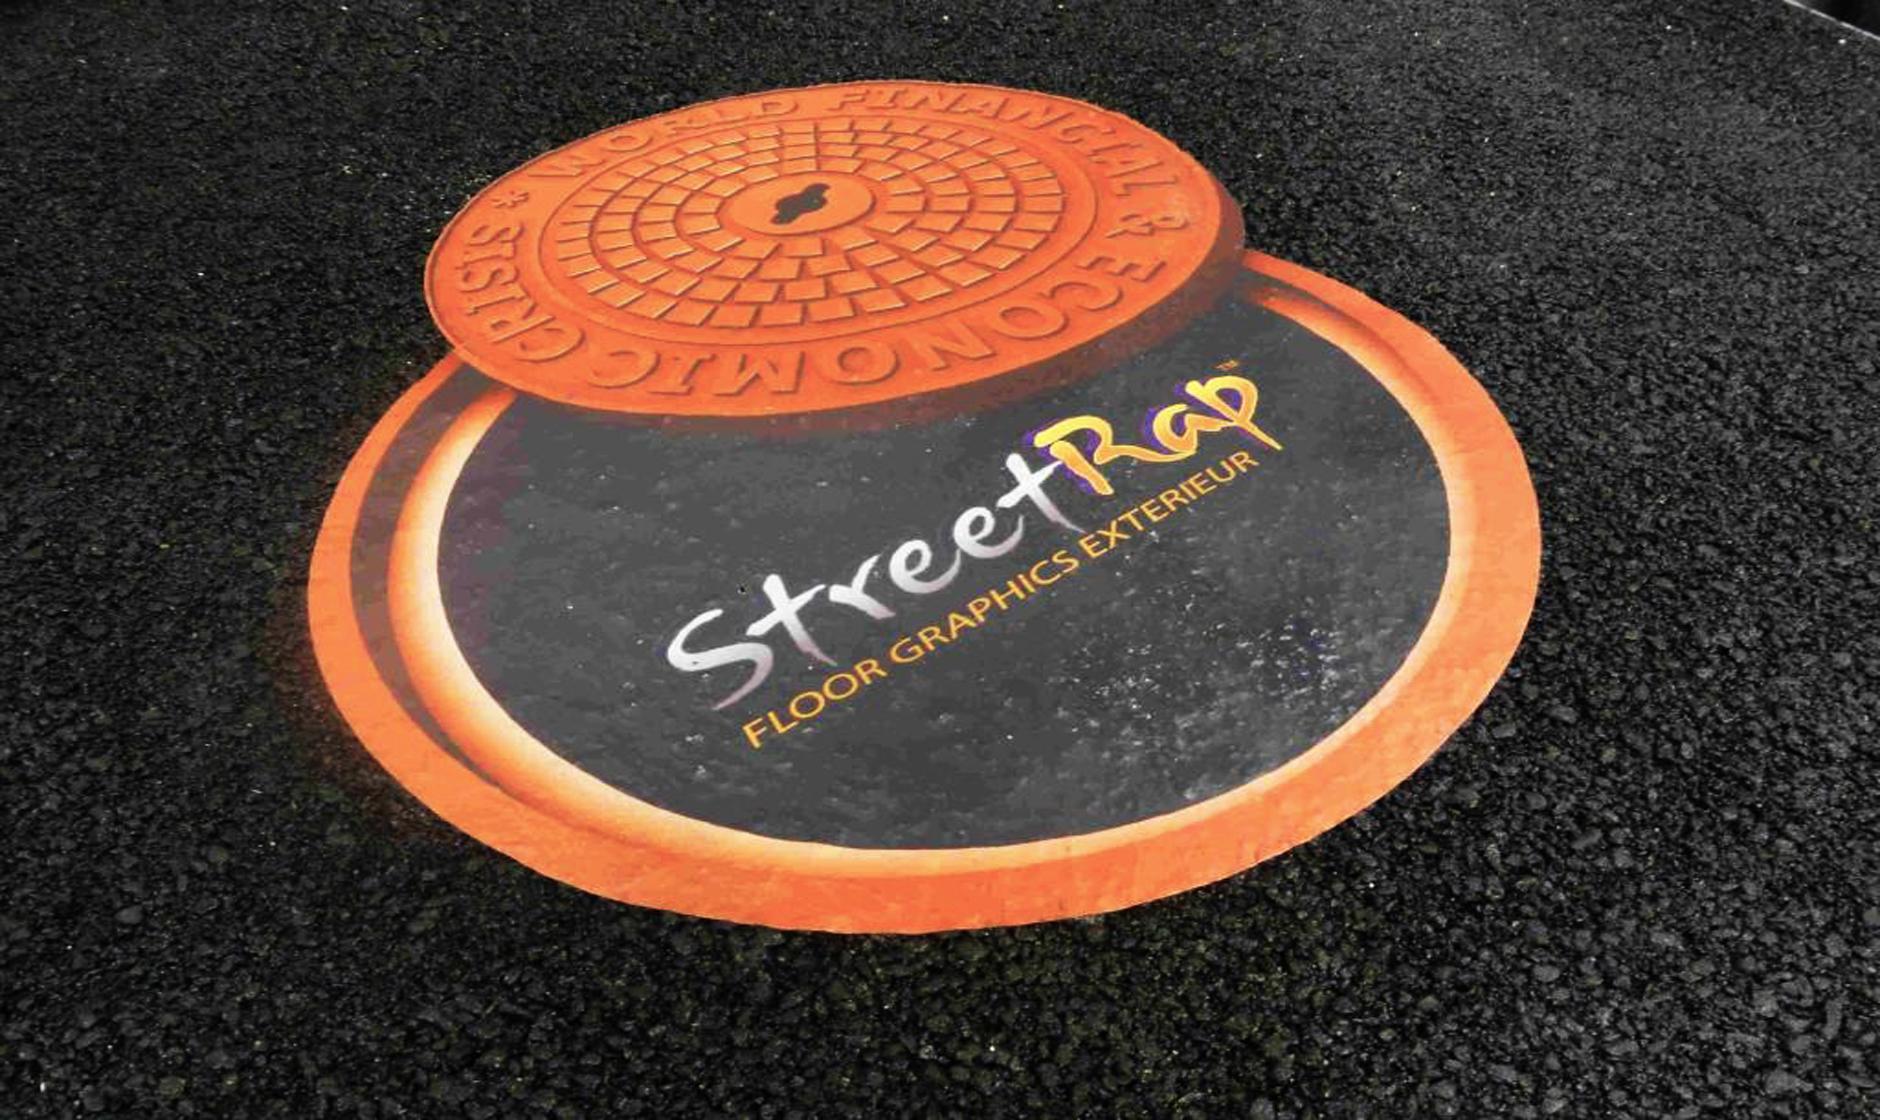 Mactac StreetRap – Solvent